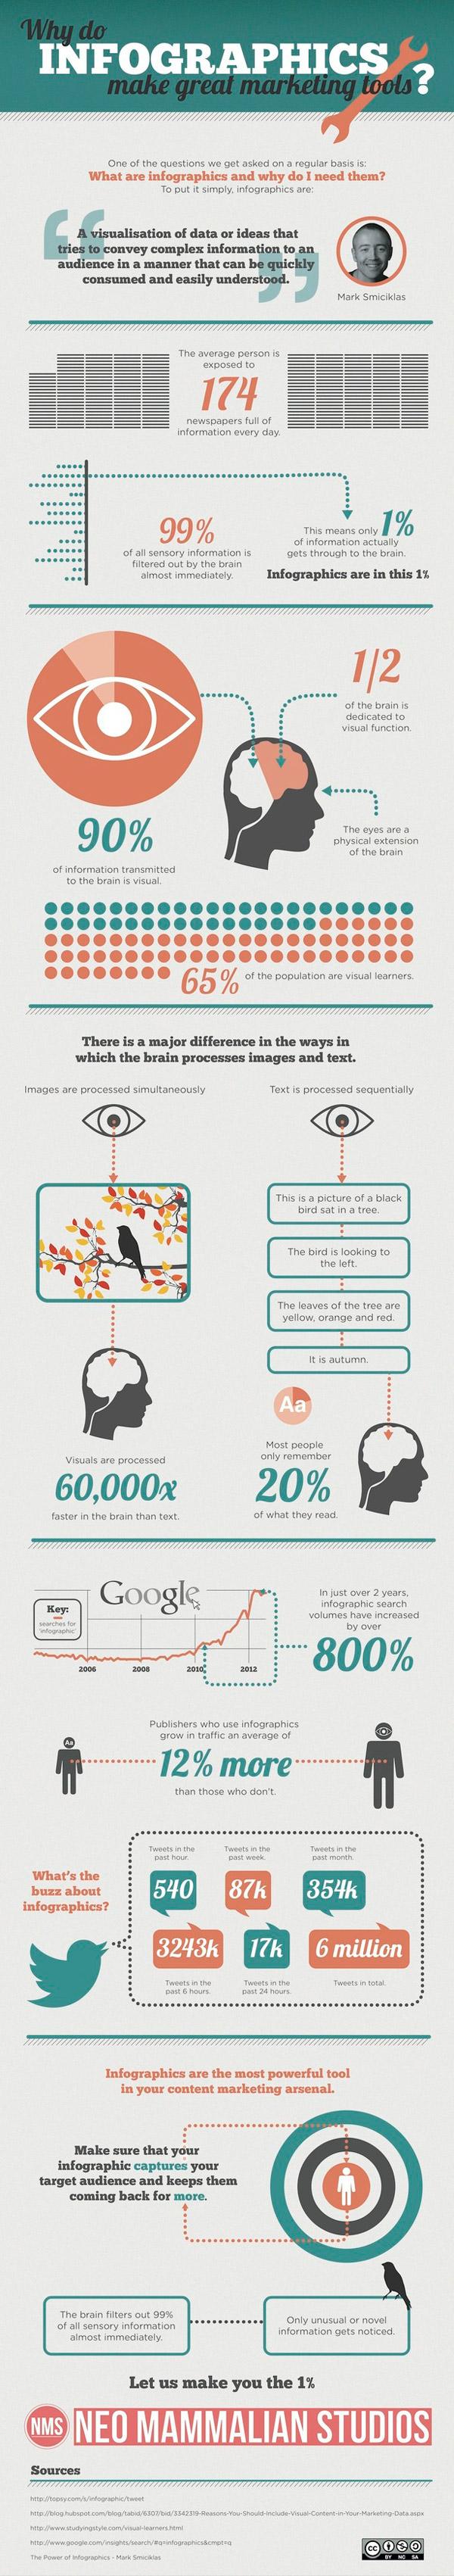 Warum Infografiken fürs Marketing nutzen?